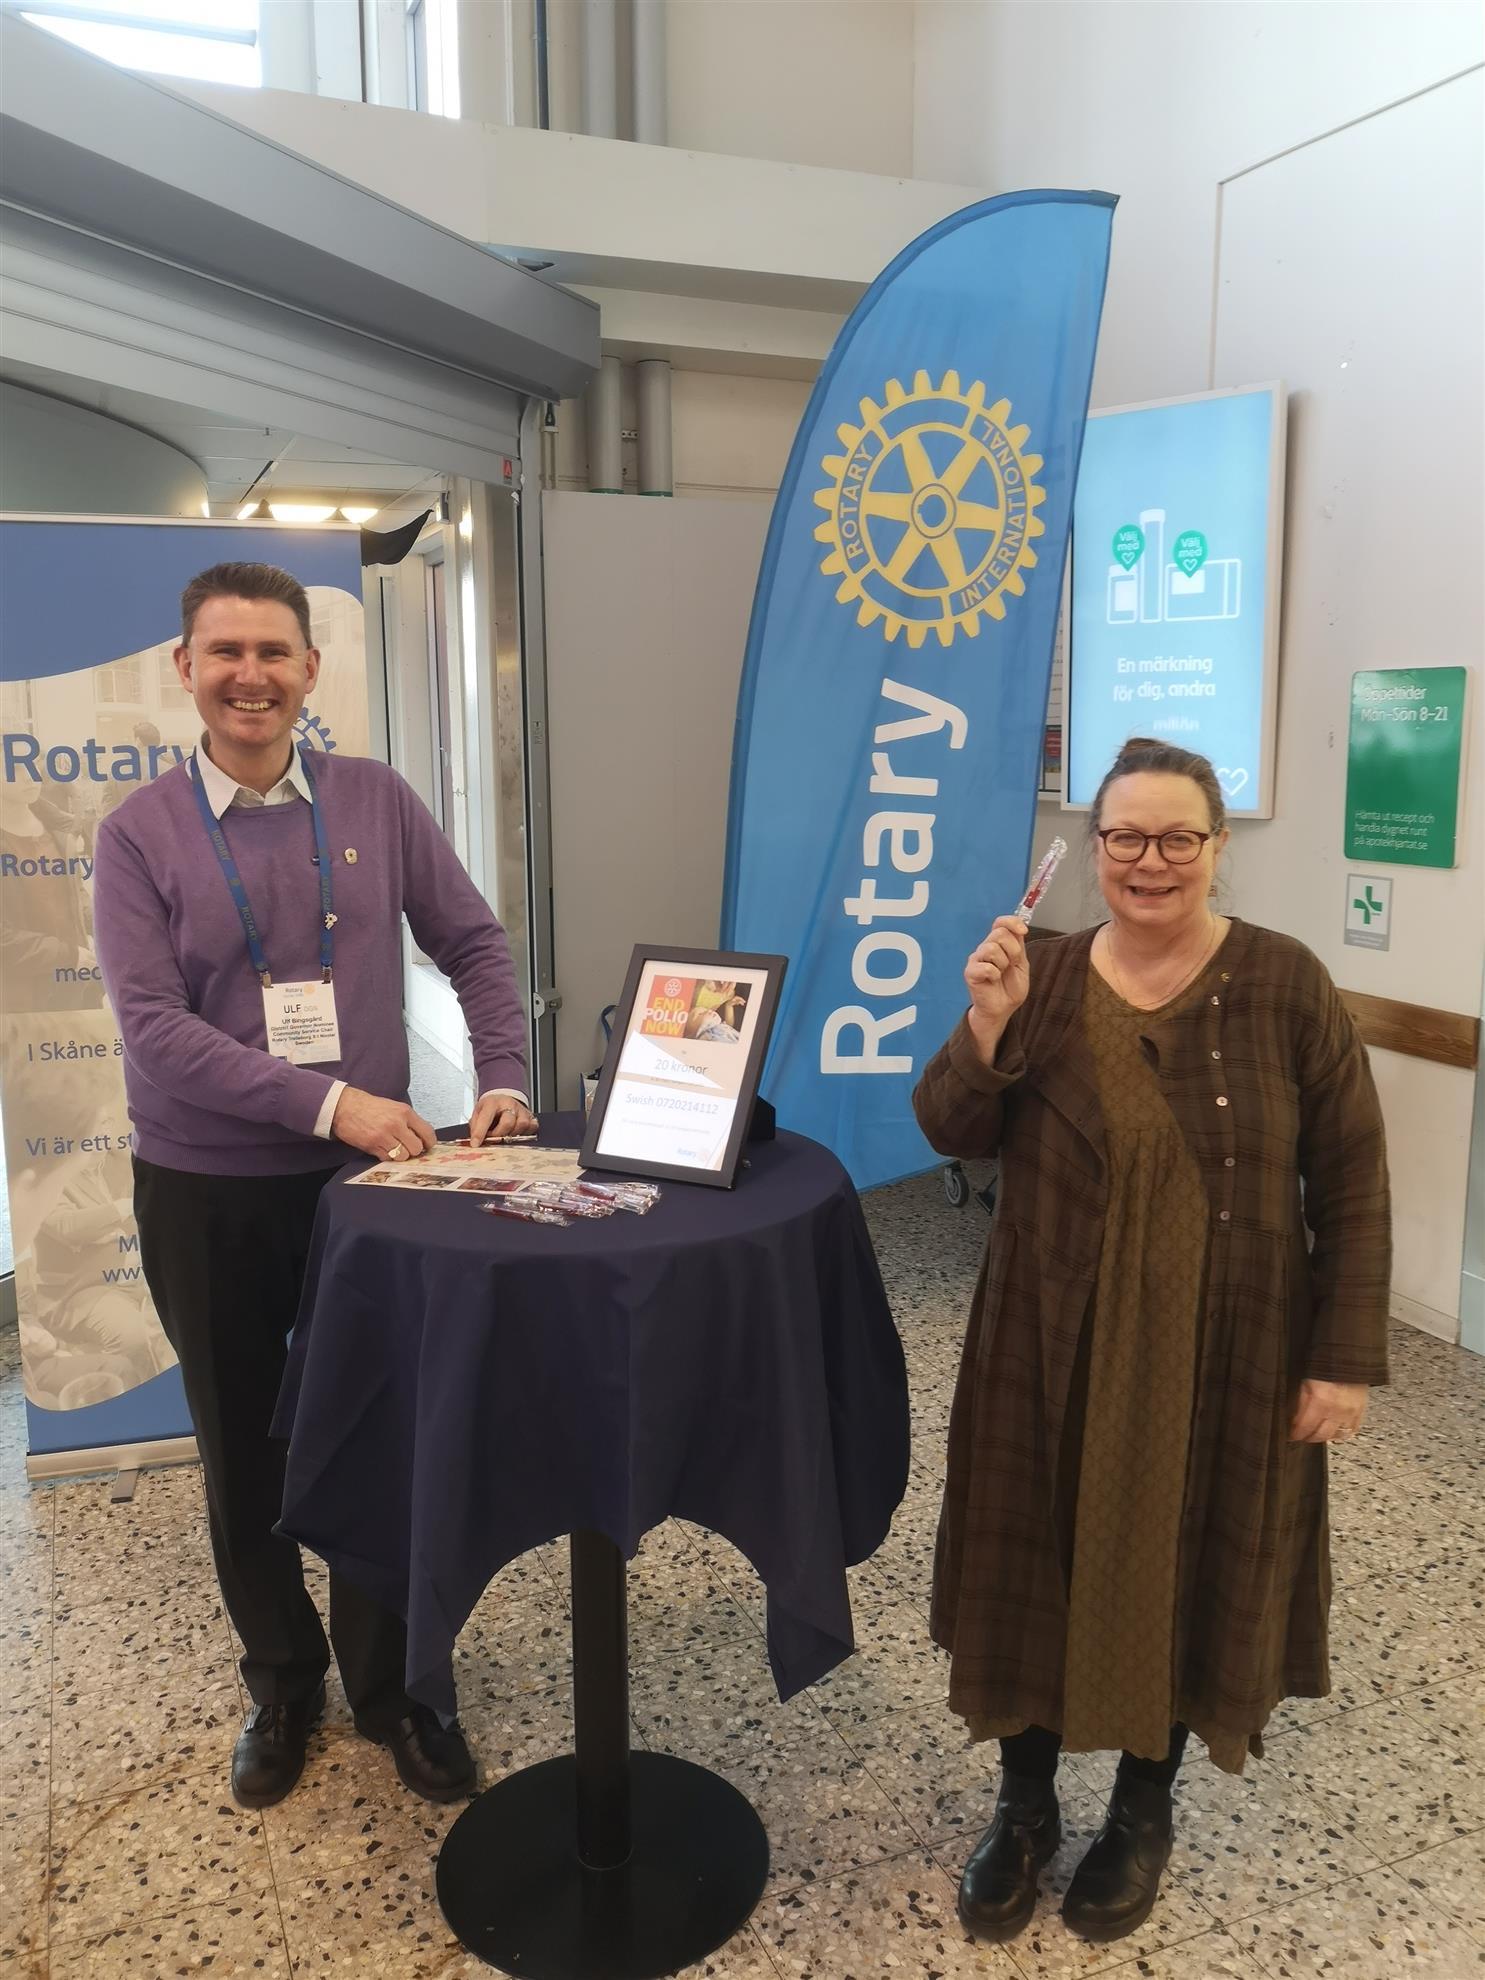 Ulf och Ylva Kristina redo för att End Polio Now